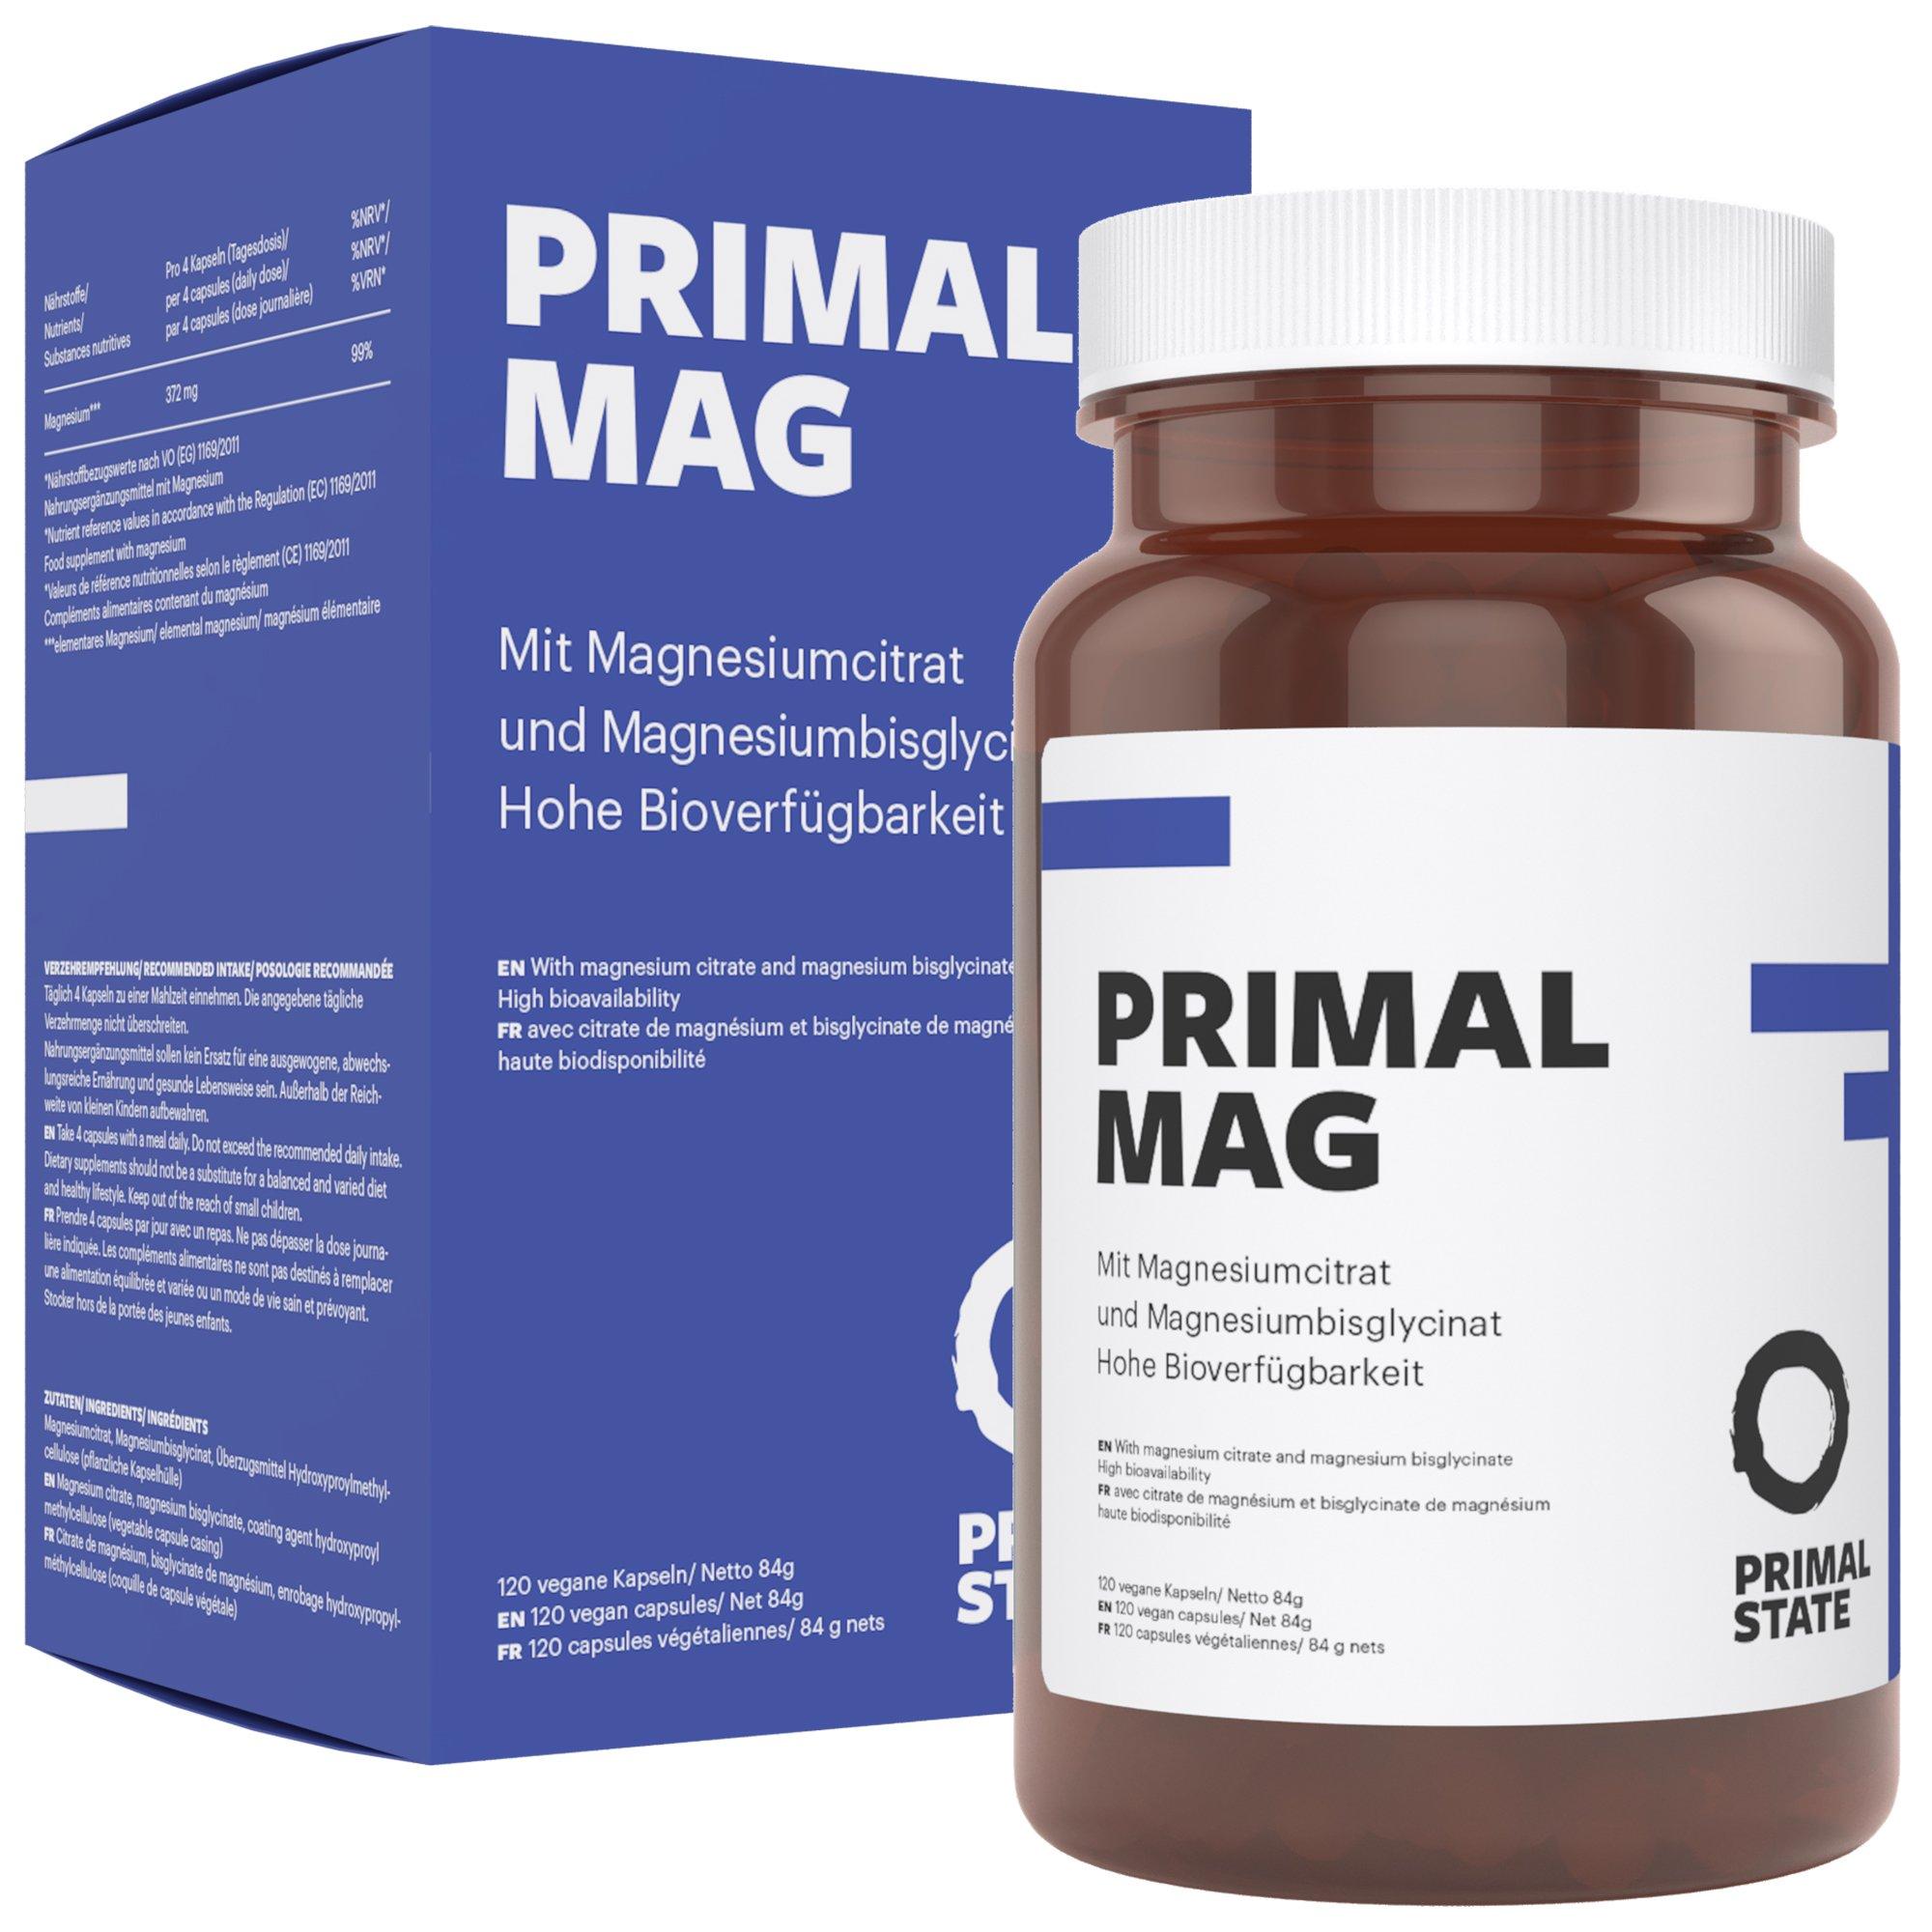 Magnesium hochdosierte Kapseln | PRIMAL MAG | Magnesiumcitrat und Magnesium Glycinat Tabletten| Frei von Zusatzstoffen wie Magnesiumstearat oder Gelatine | Laborgeprüft | – 120 Kapseln